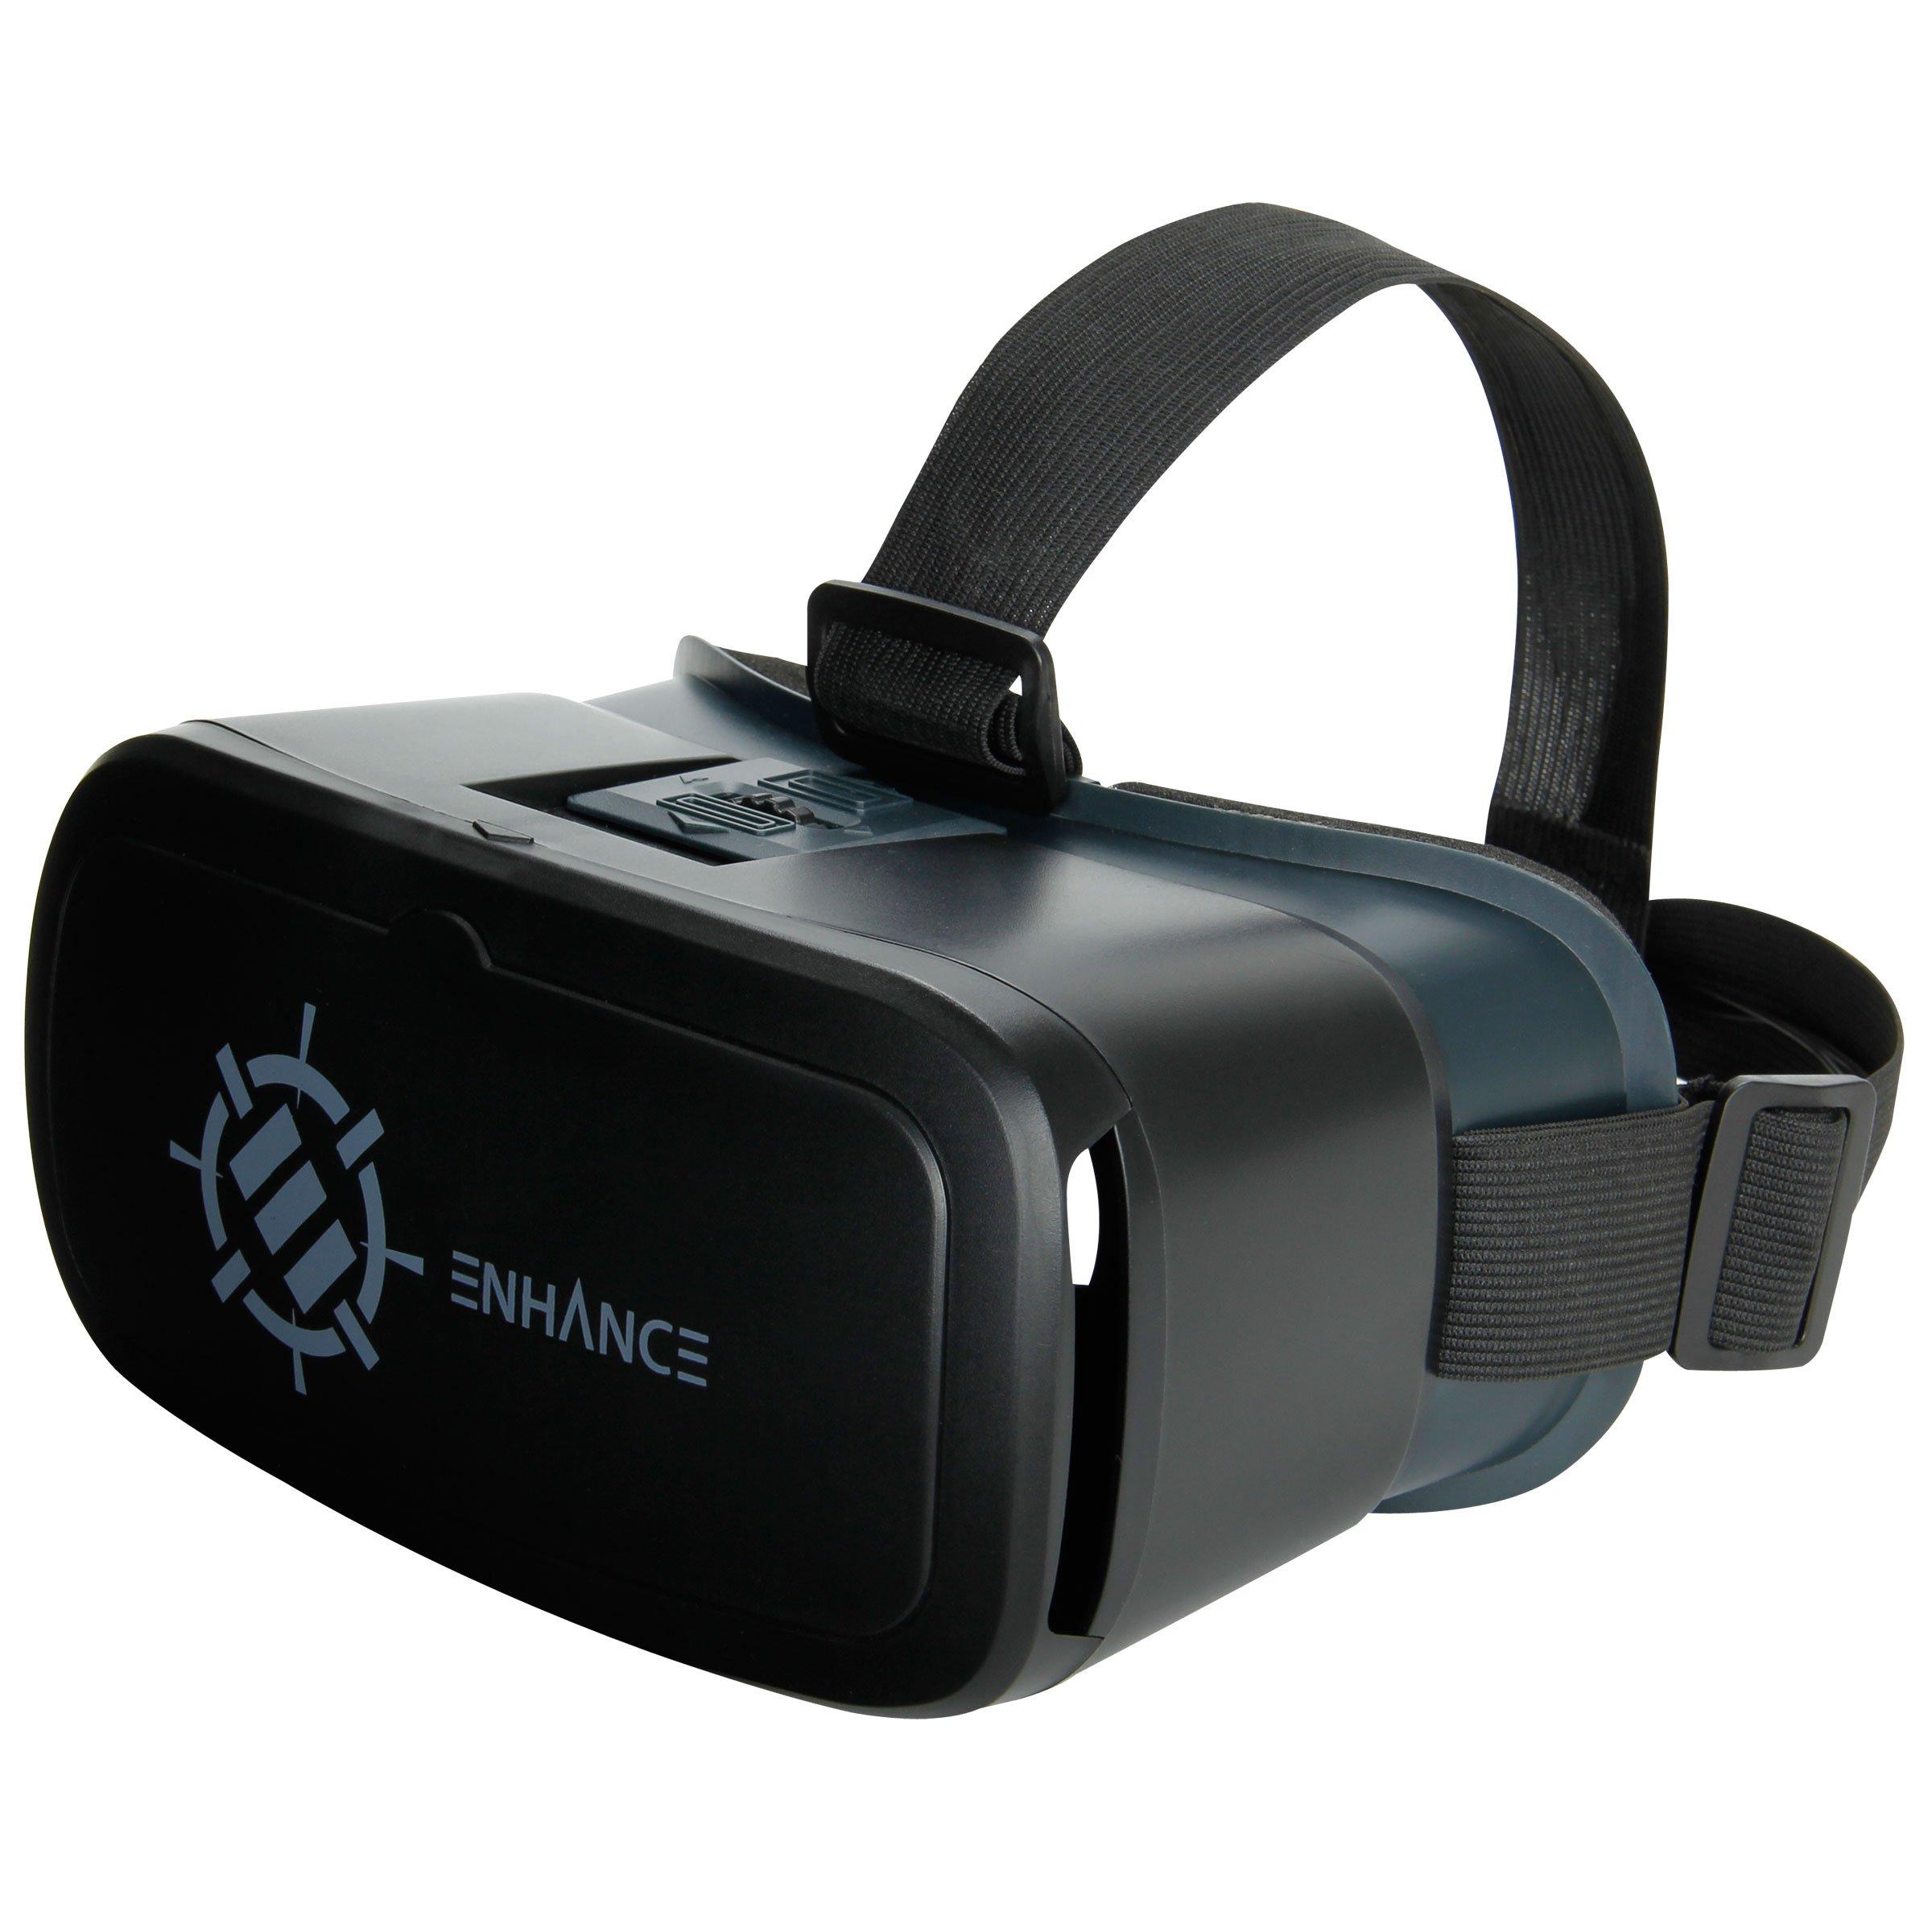 ENHANCE Casque de Réalité Virtuelle,VR Casque Audio Confortable pour Smartphone avec Sangle de Tête Réglable– Compatible avec Applications Google Carton Apps, Samsung et Plus Encore !